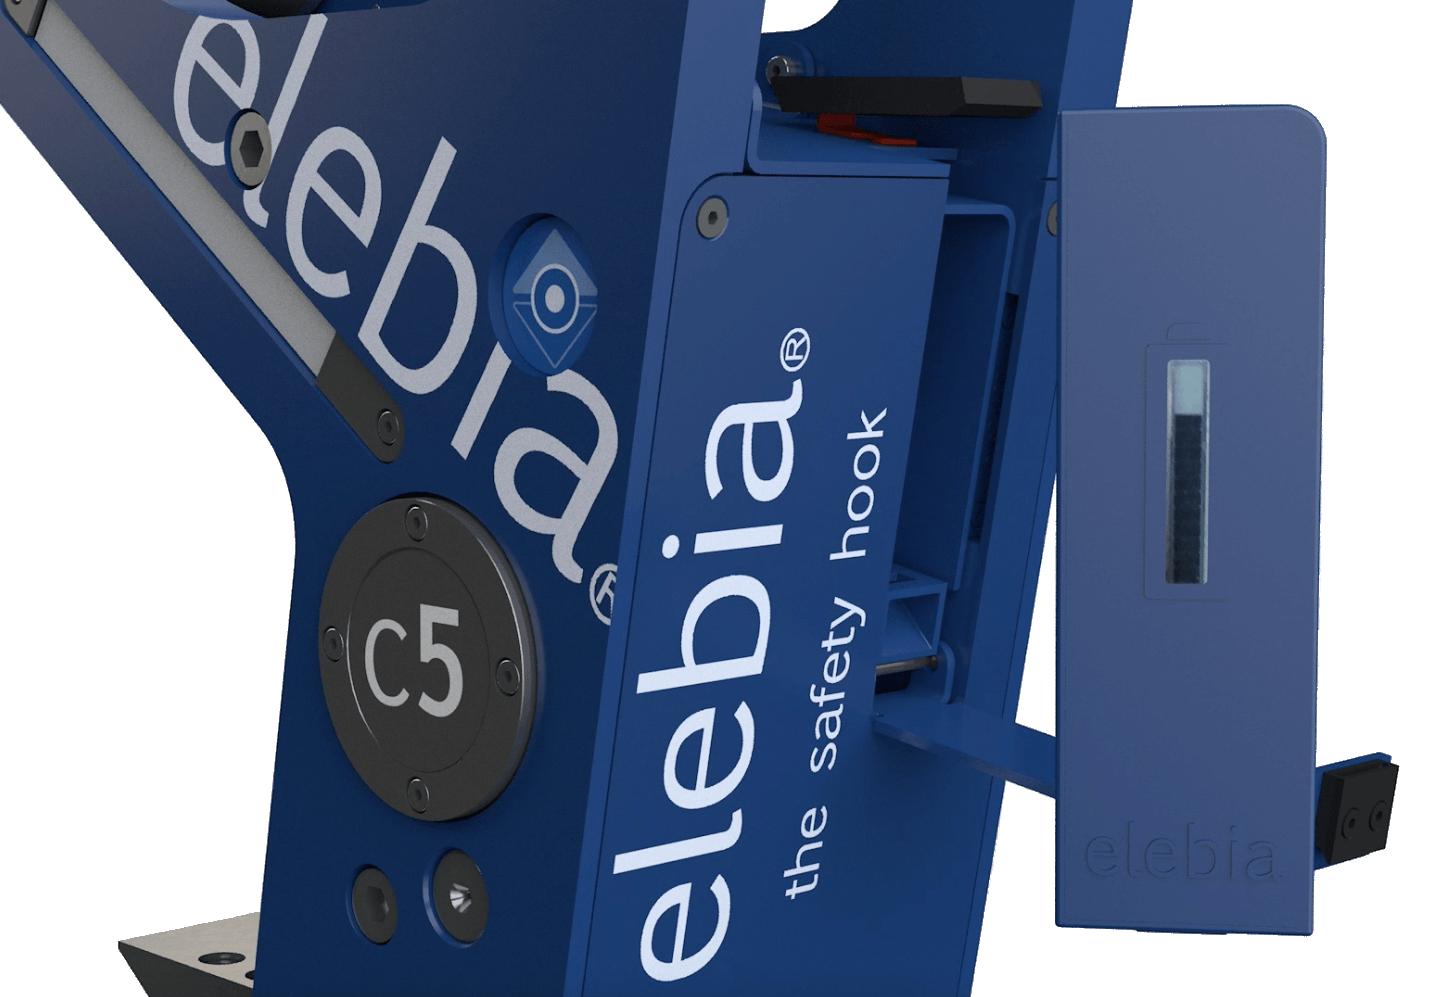 Bateria Eficiente Garras Elevadoras - Garras de Elevación